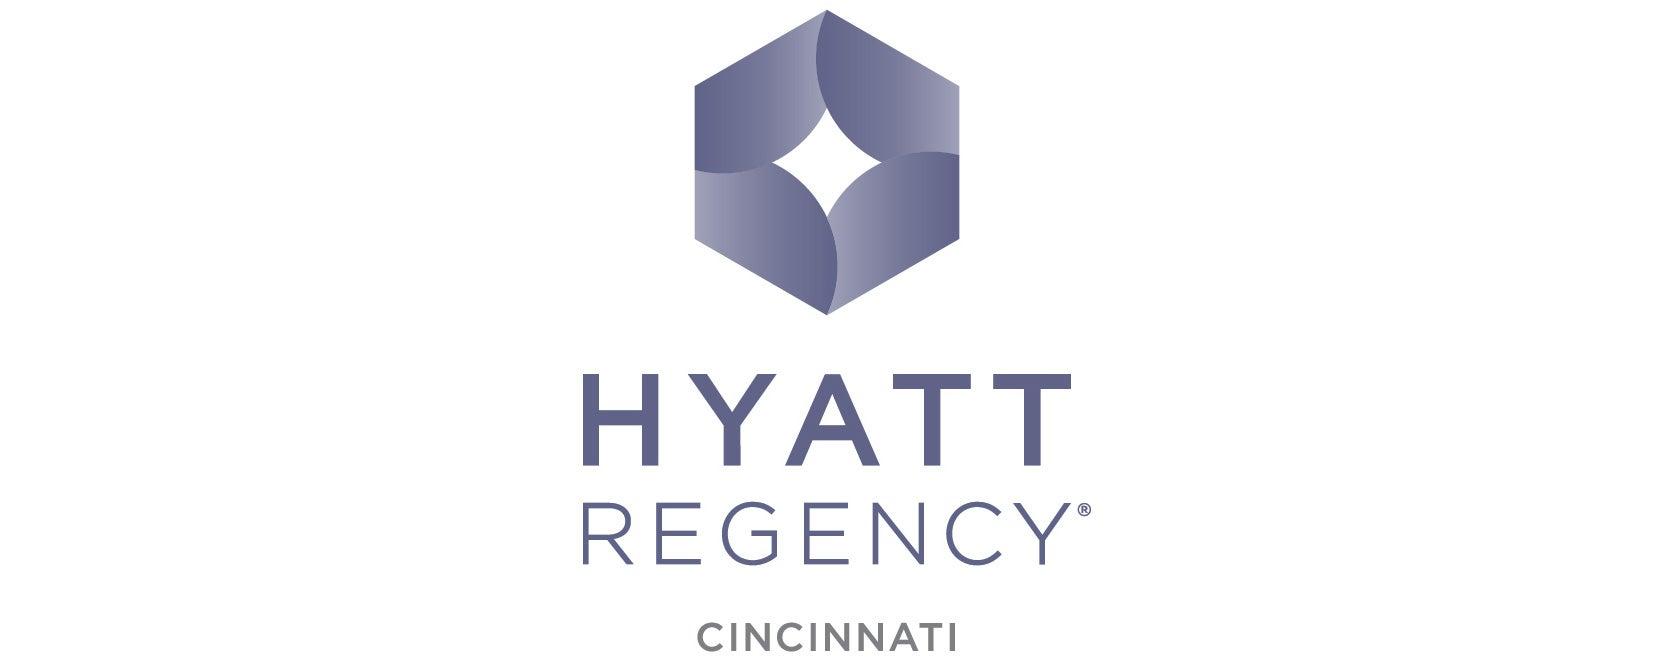 hyatt_sponsorscroll1.jpg